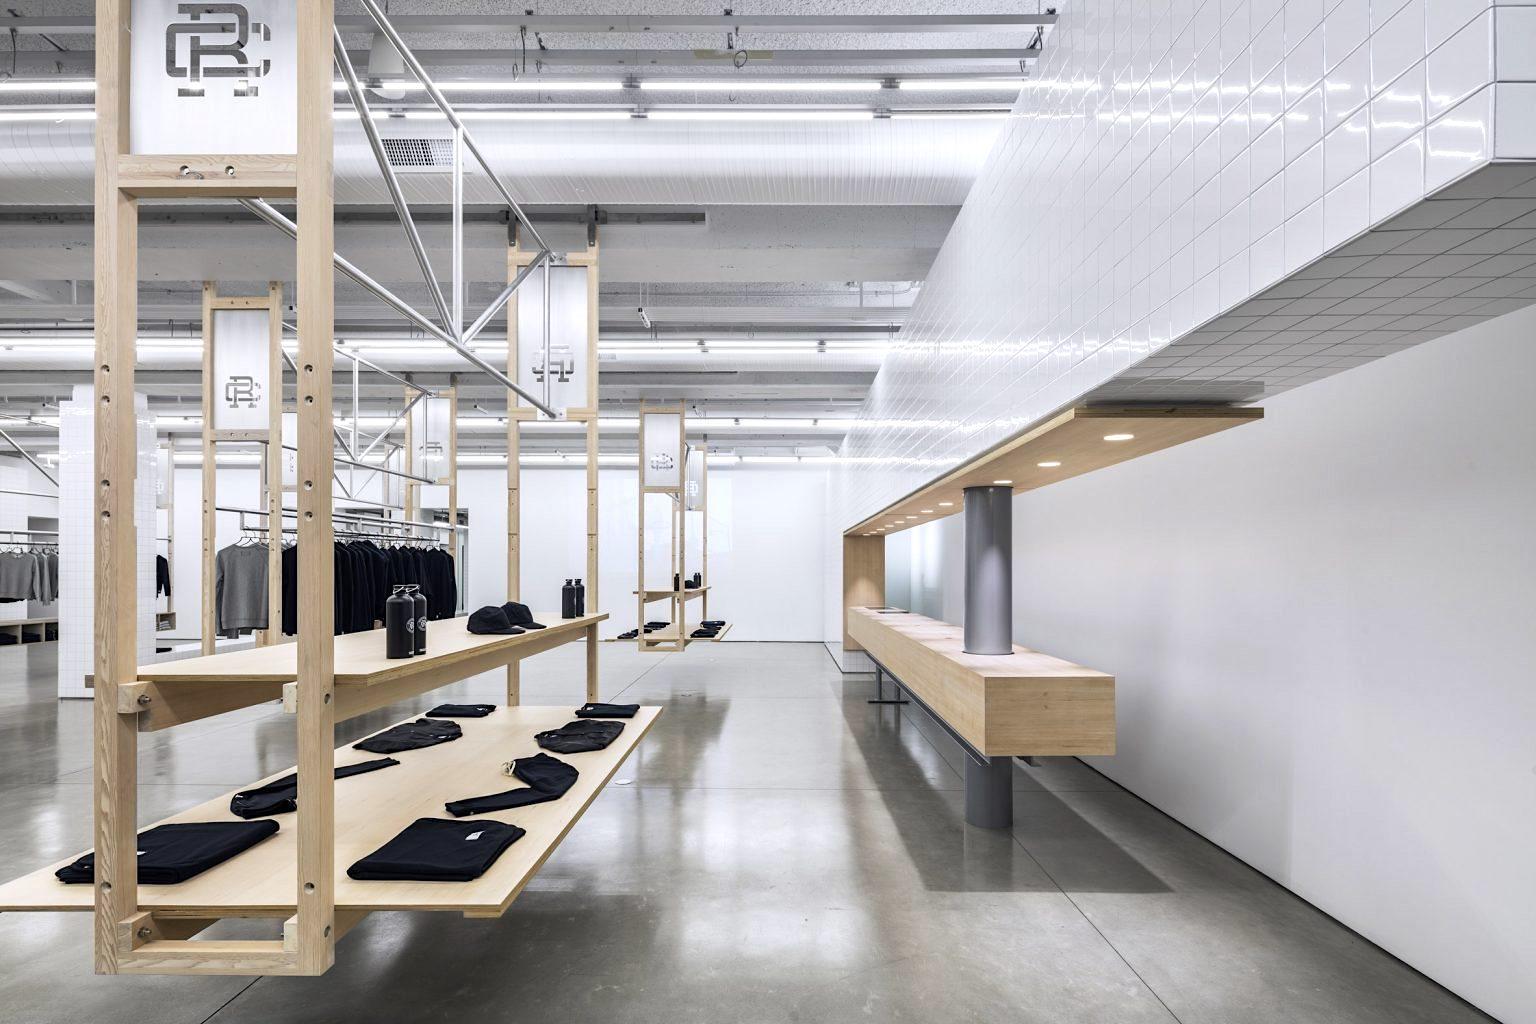 スポーツウェア店舗のレイアウトフリーなフレキシブル木製シェルフのデザイン